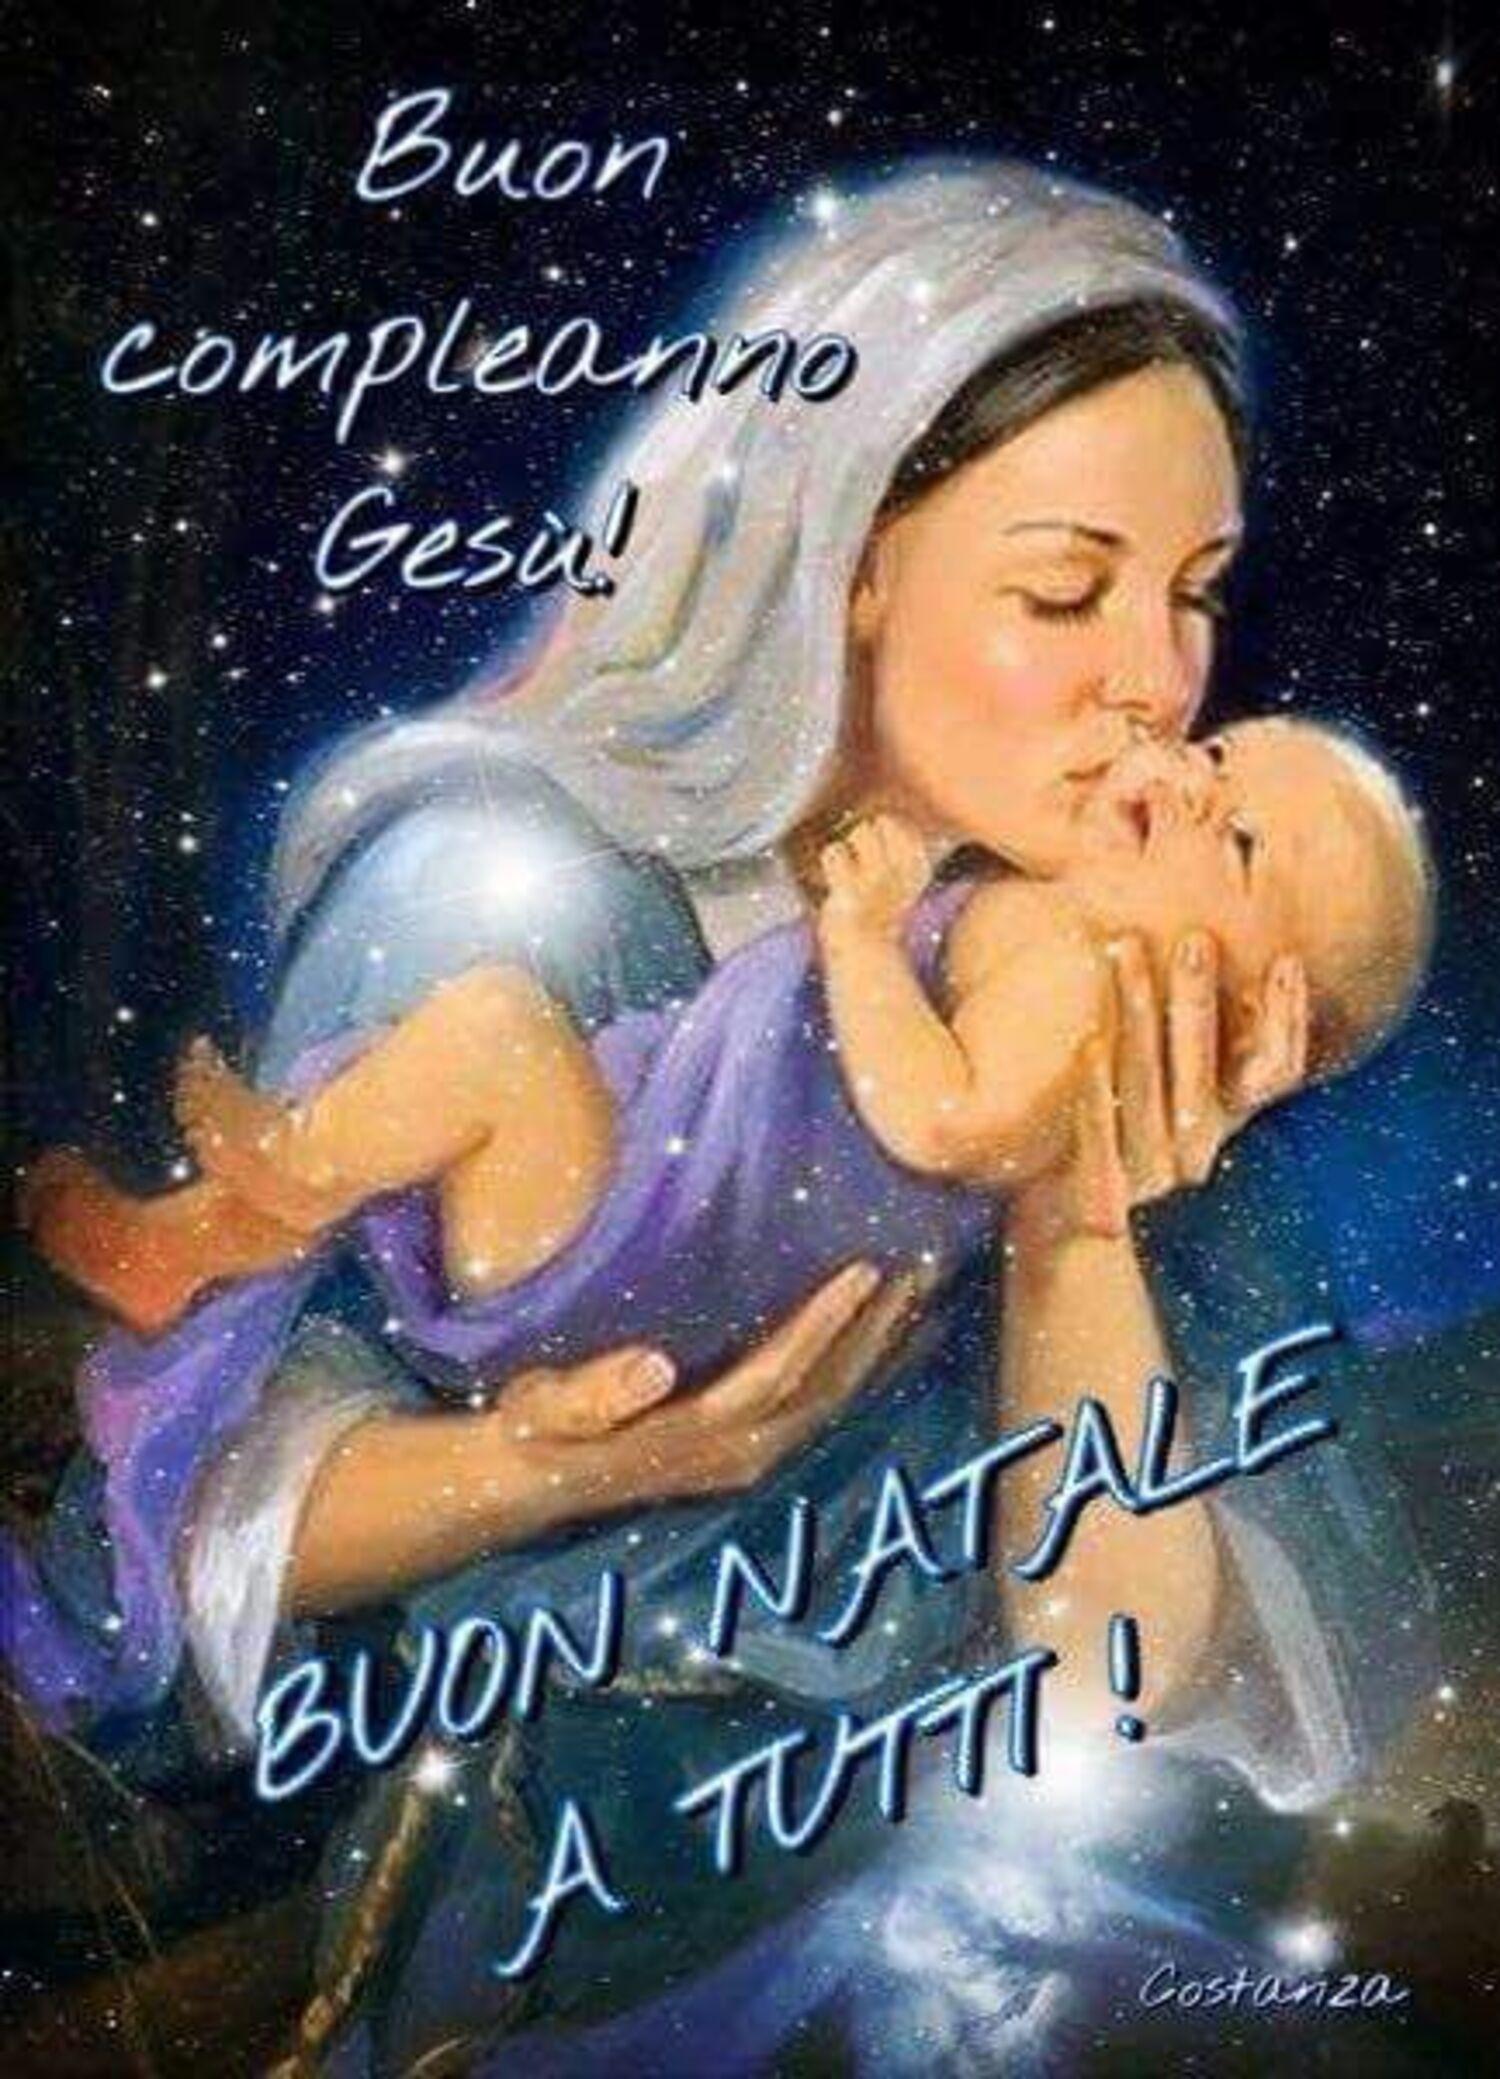 Buon Compleanno Gesù Buon Natale a tutti!